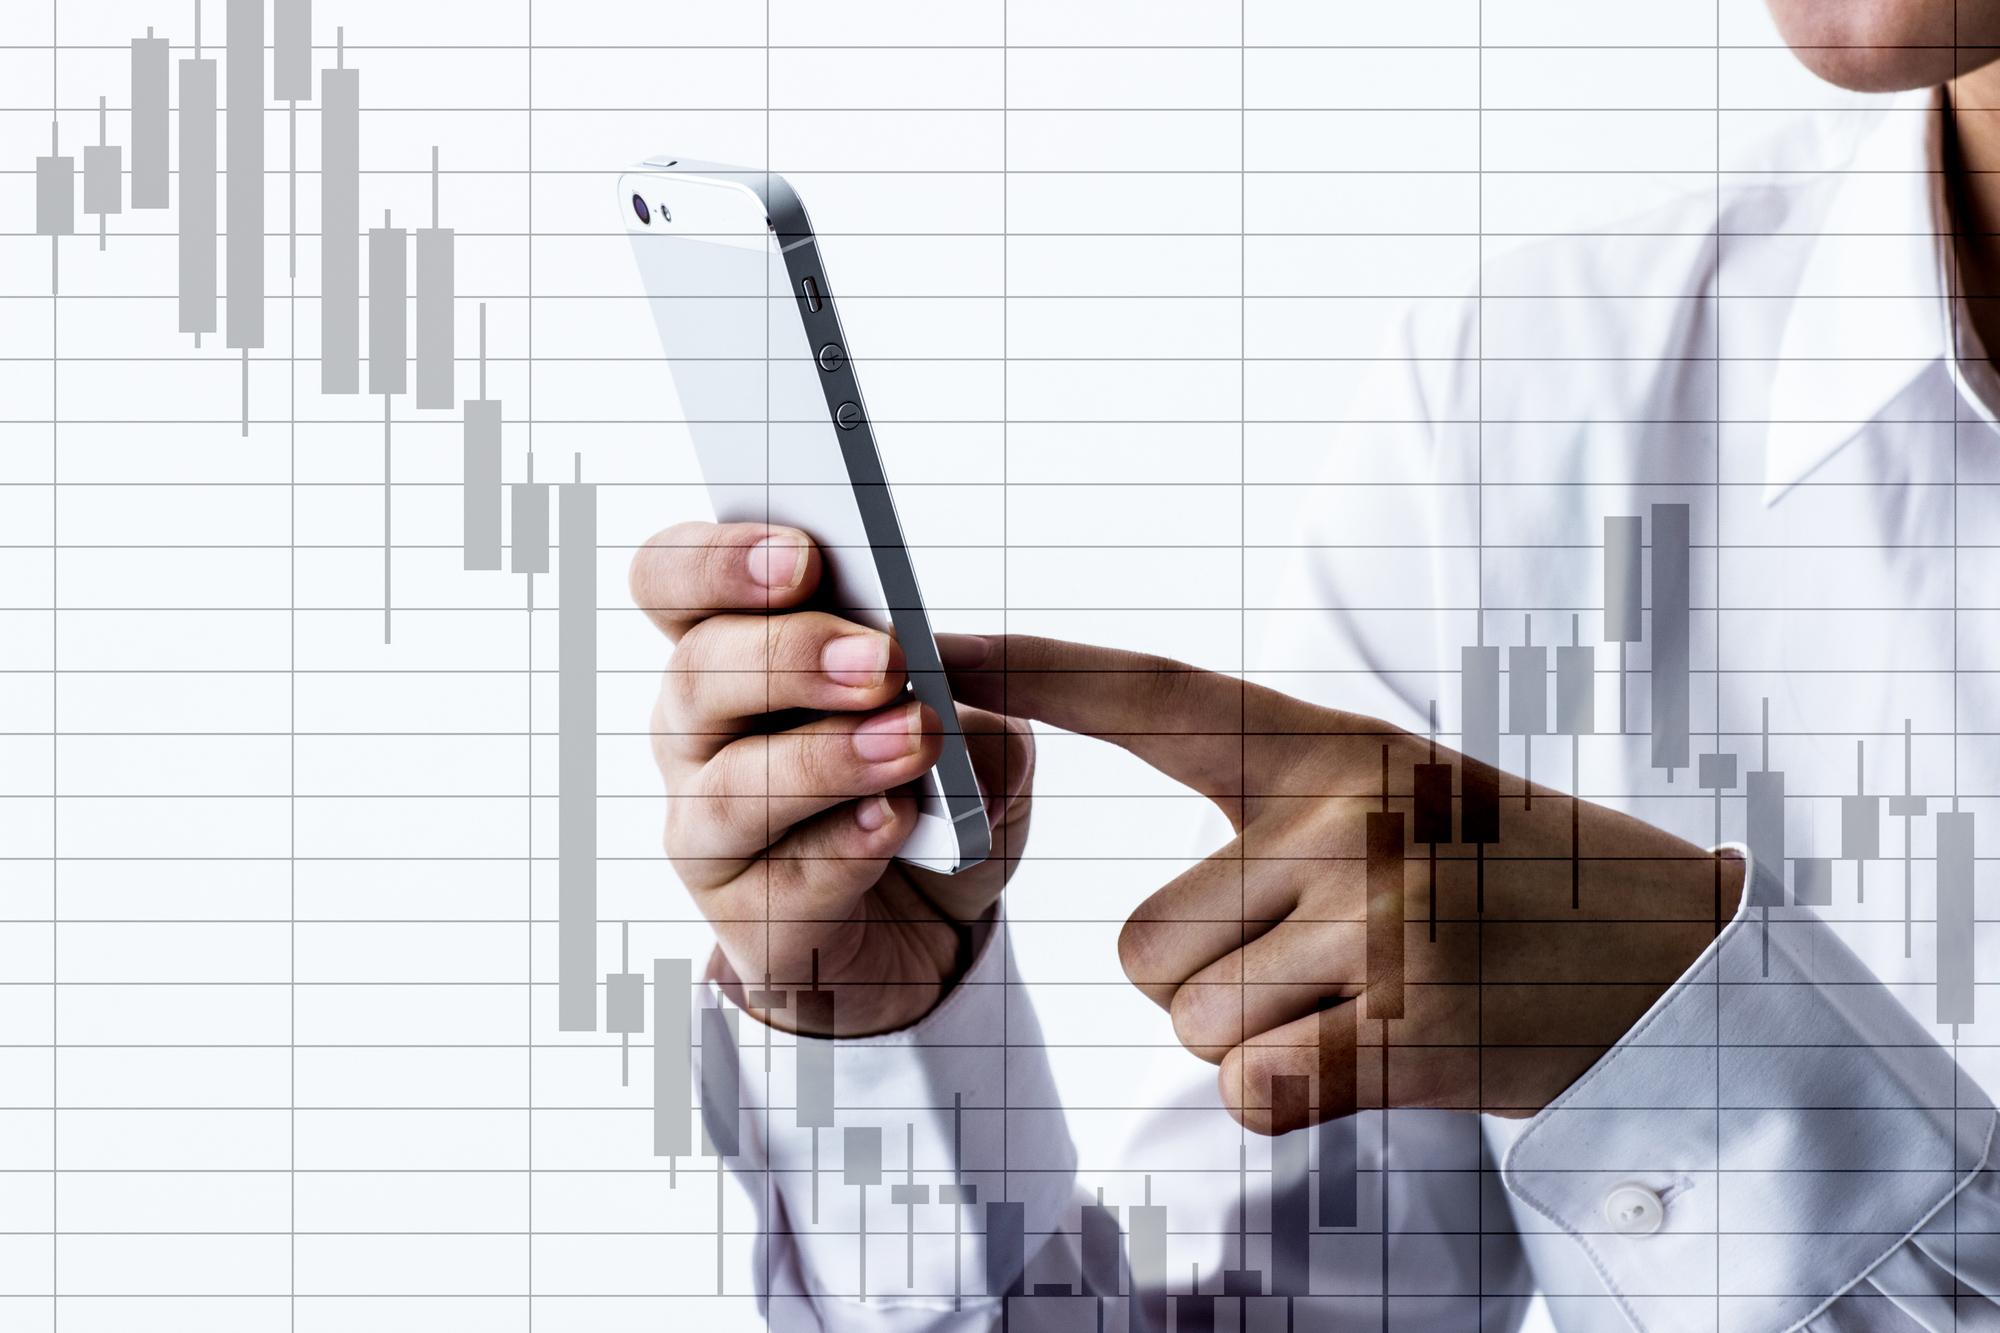 初心者におすすめの投資の種類|少額からできる株式投資の始め方